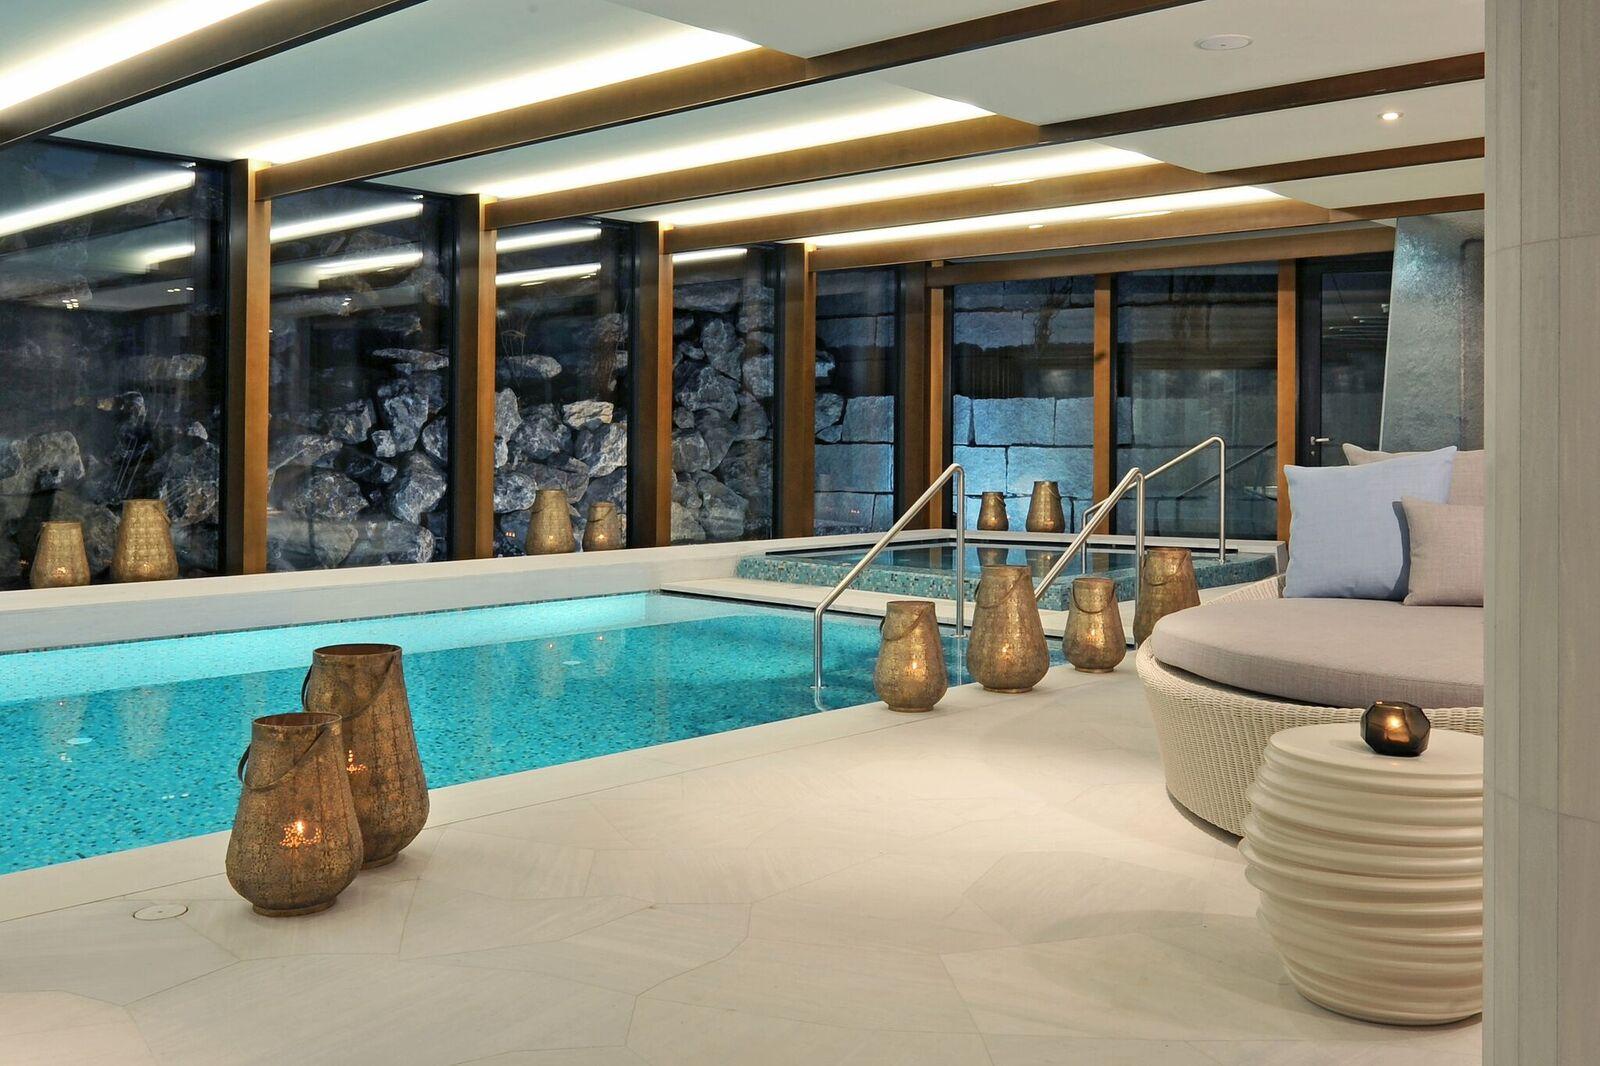 Atlantis by Giardino Spa Zurich